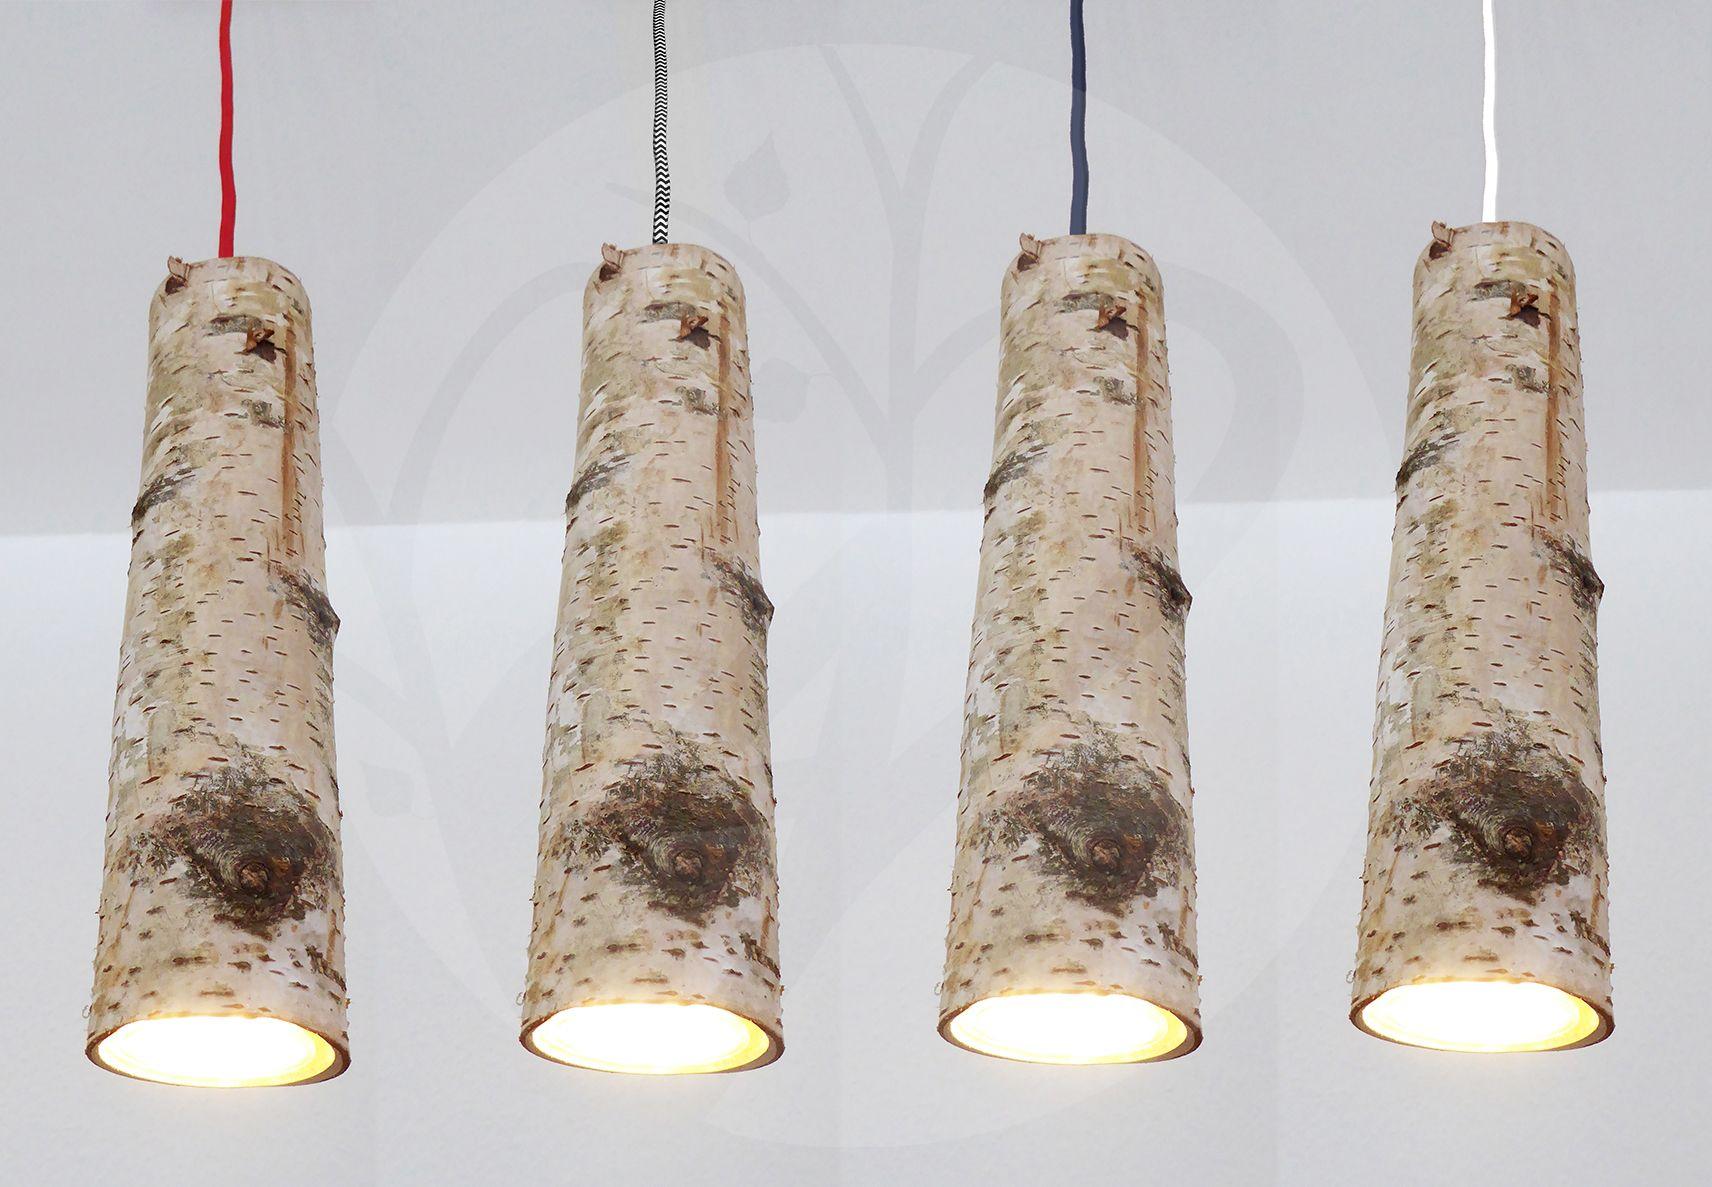 Naturmöbel leuchte birkenlichtung handgefertigte pendelleuchte aus